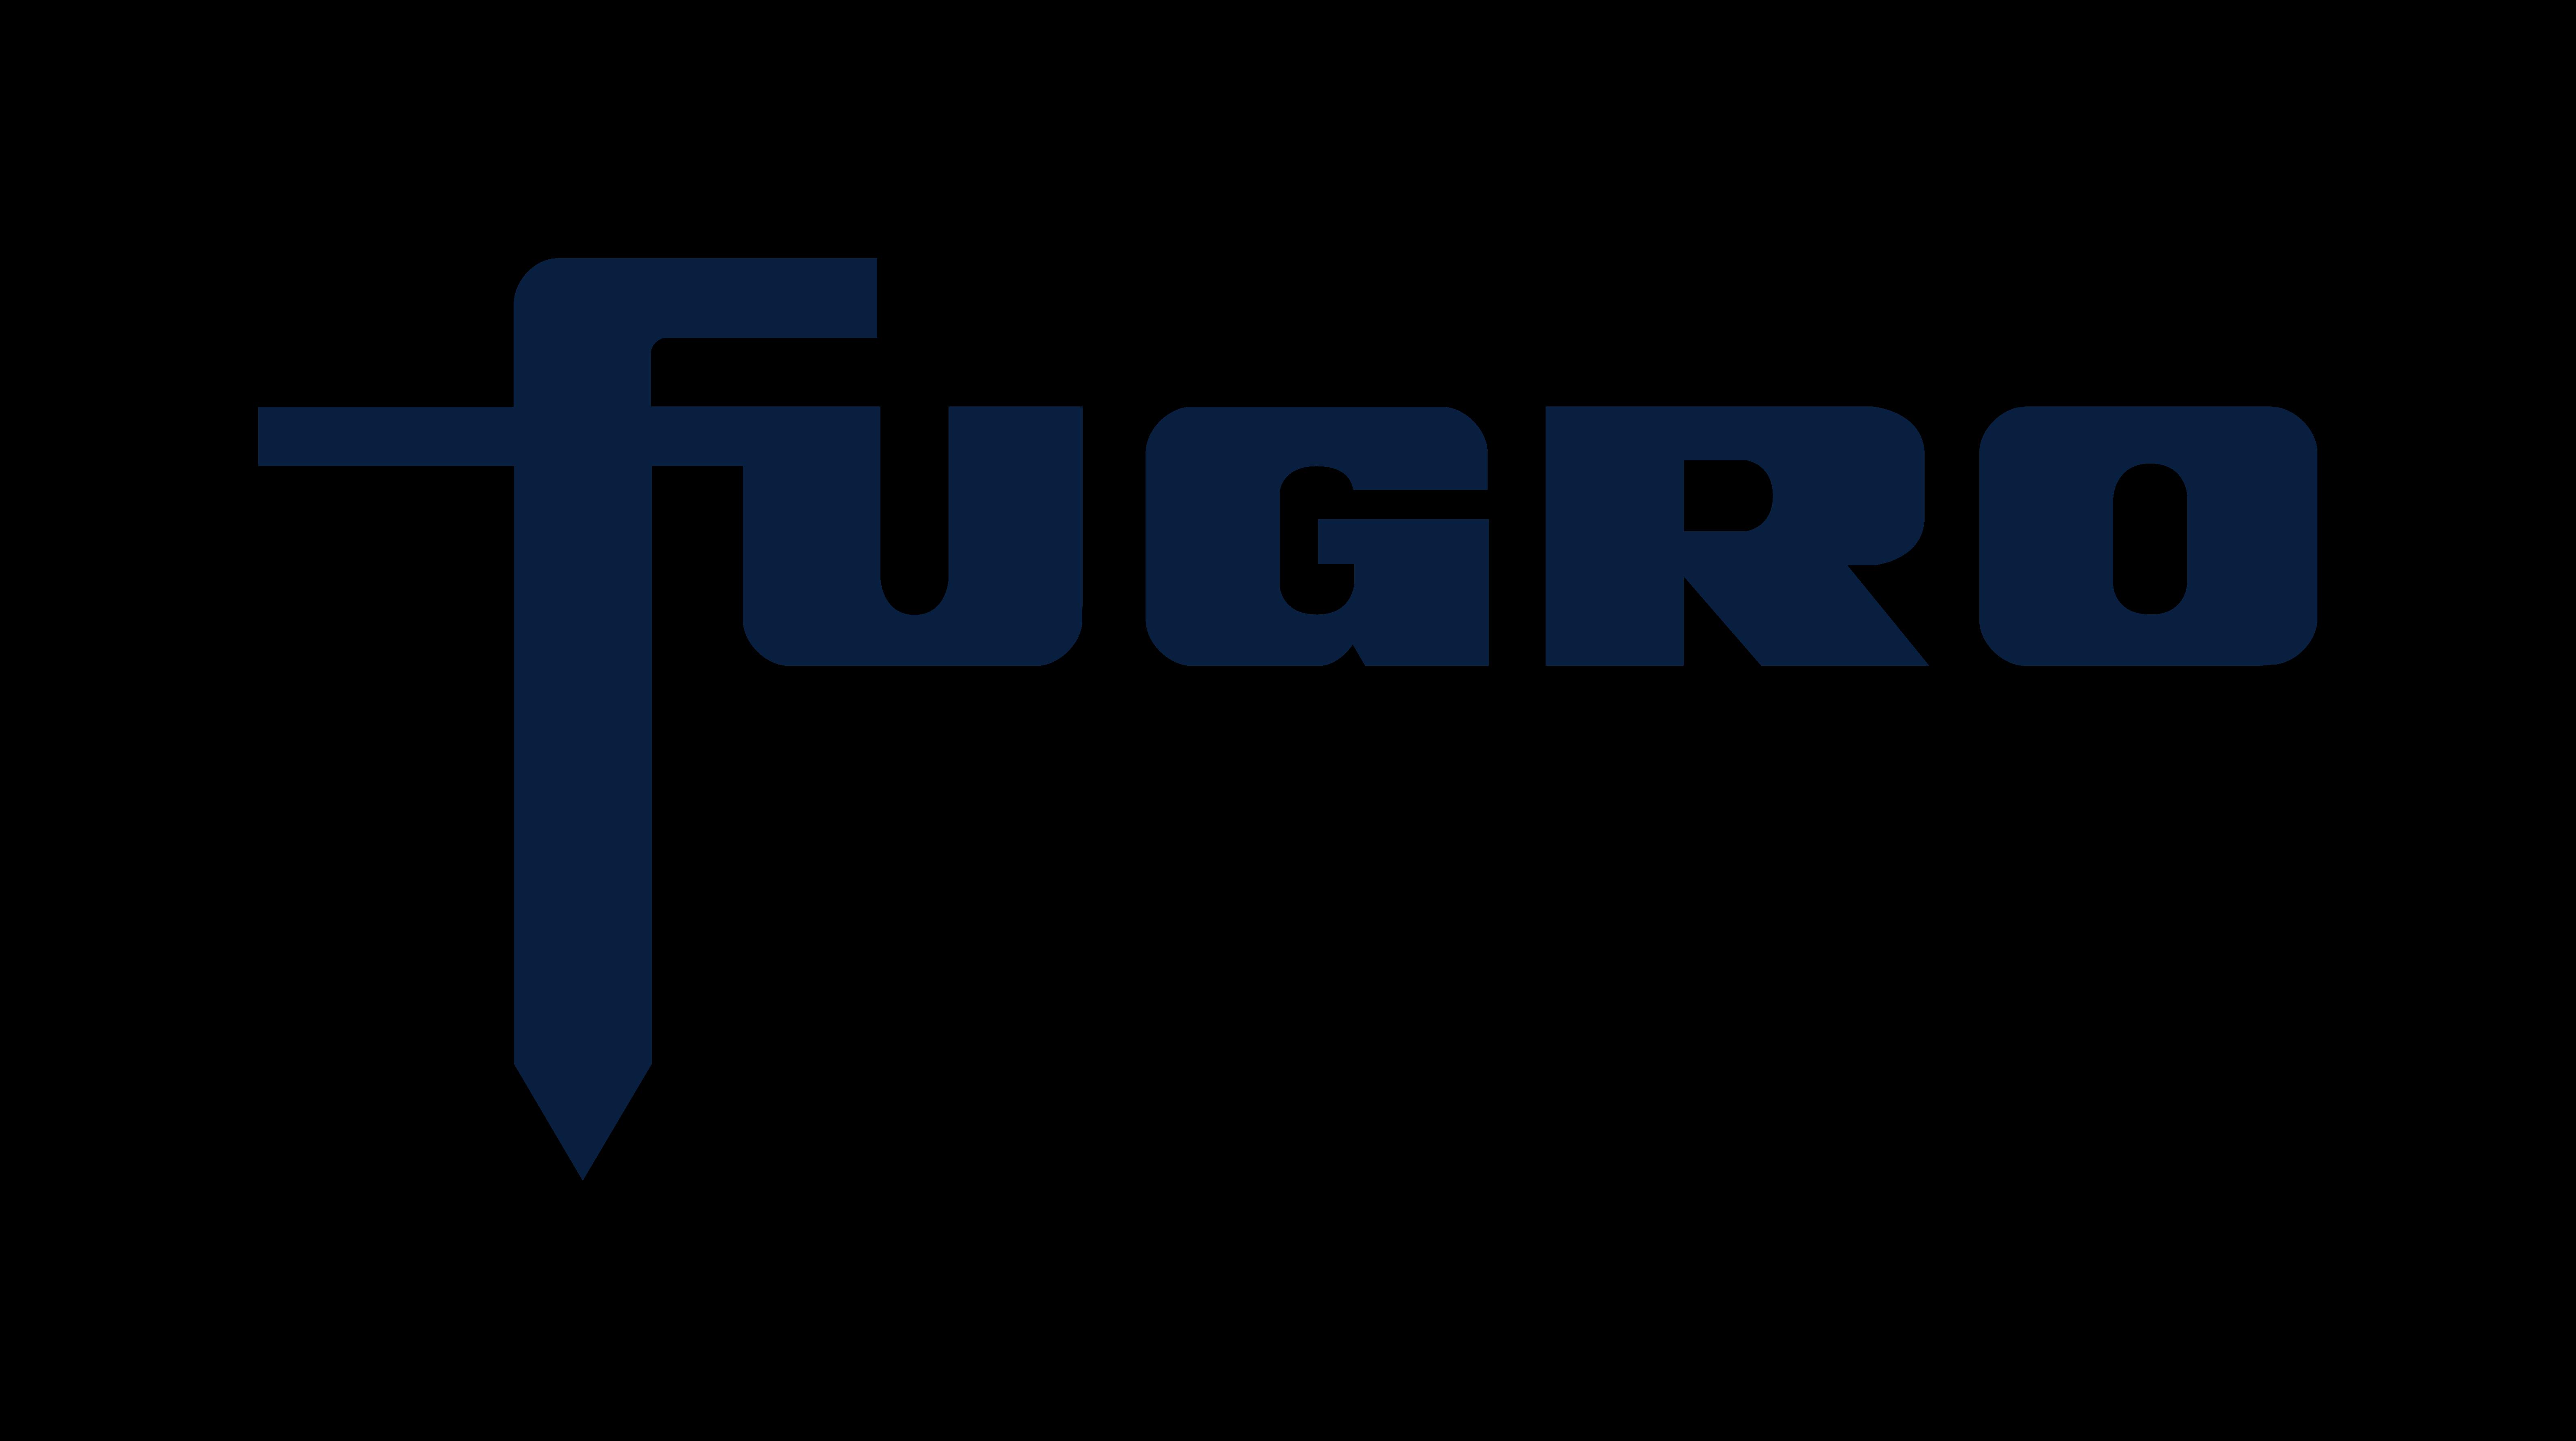 Logotipo del Departamento de tecnología del Condado de Sacramento